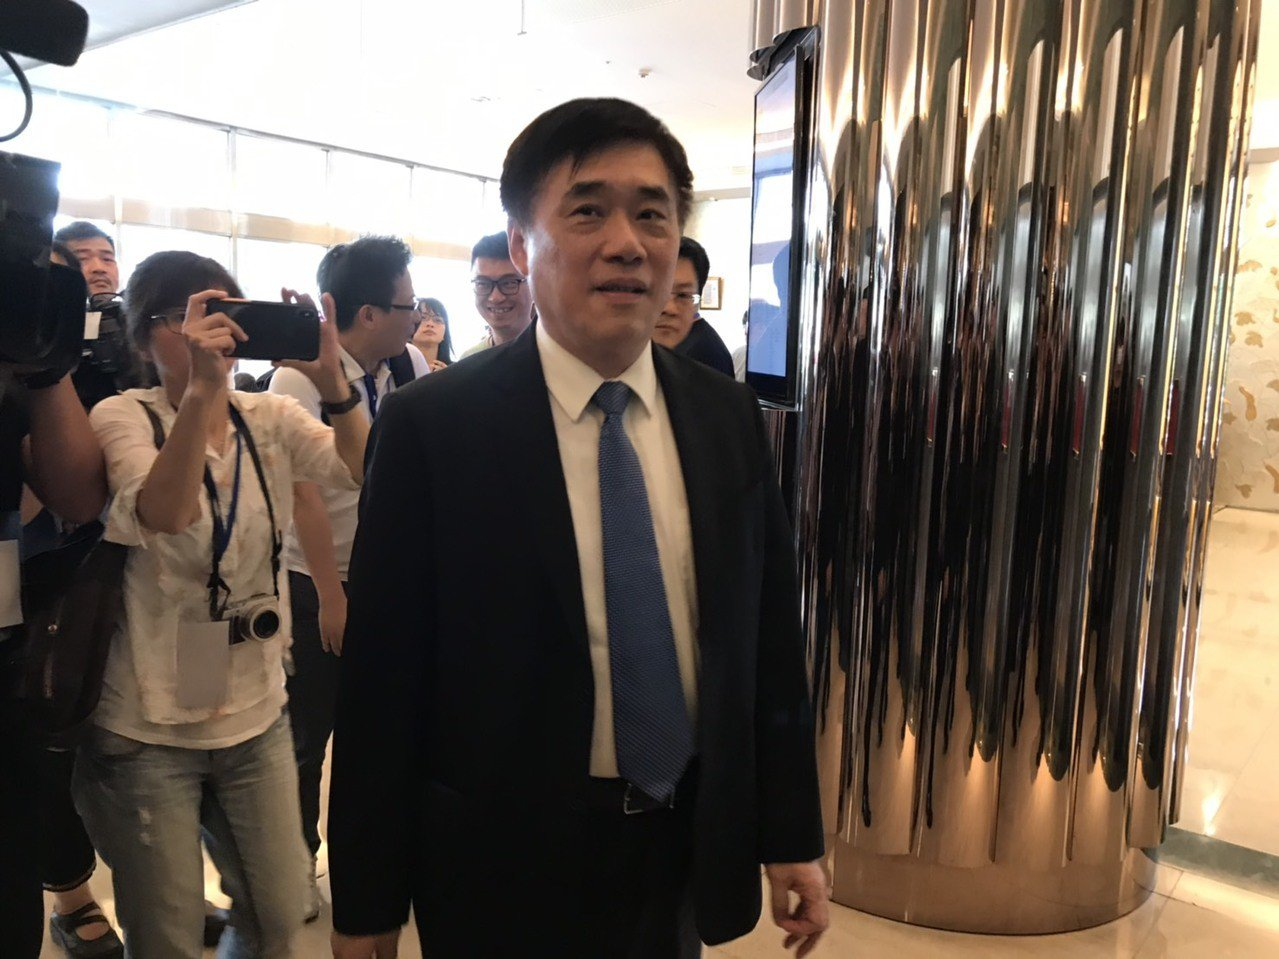 國安人員抱走私菸弊案,國民黨副主席郝龍斌認為蔡英文應負起責任。記者林佩均/攝影